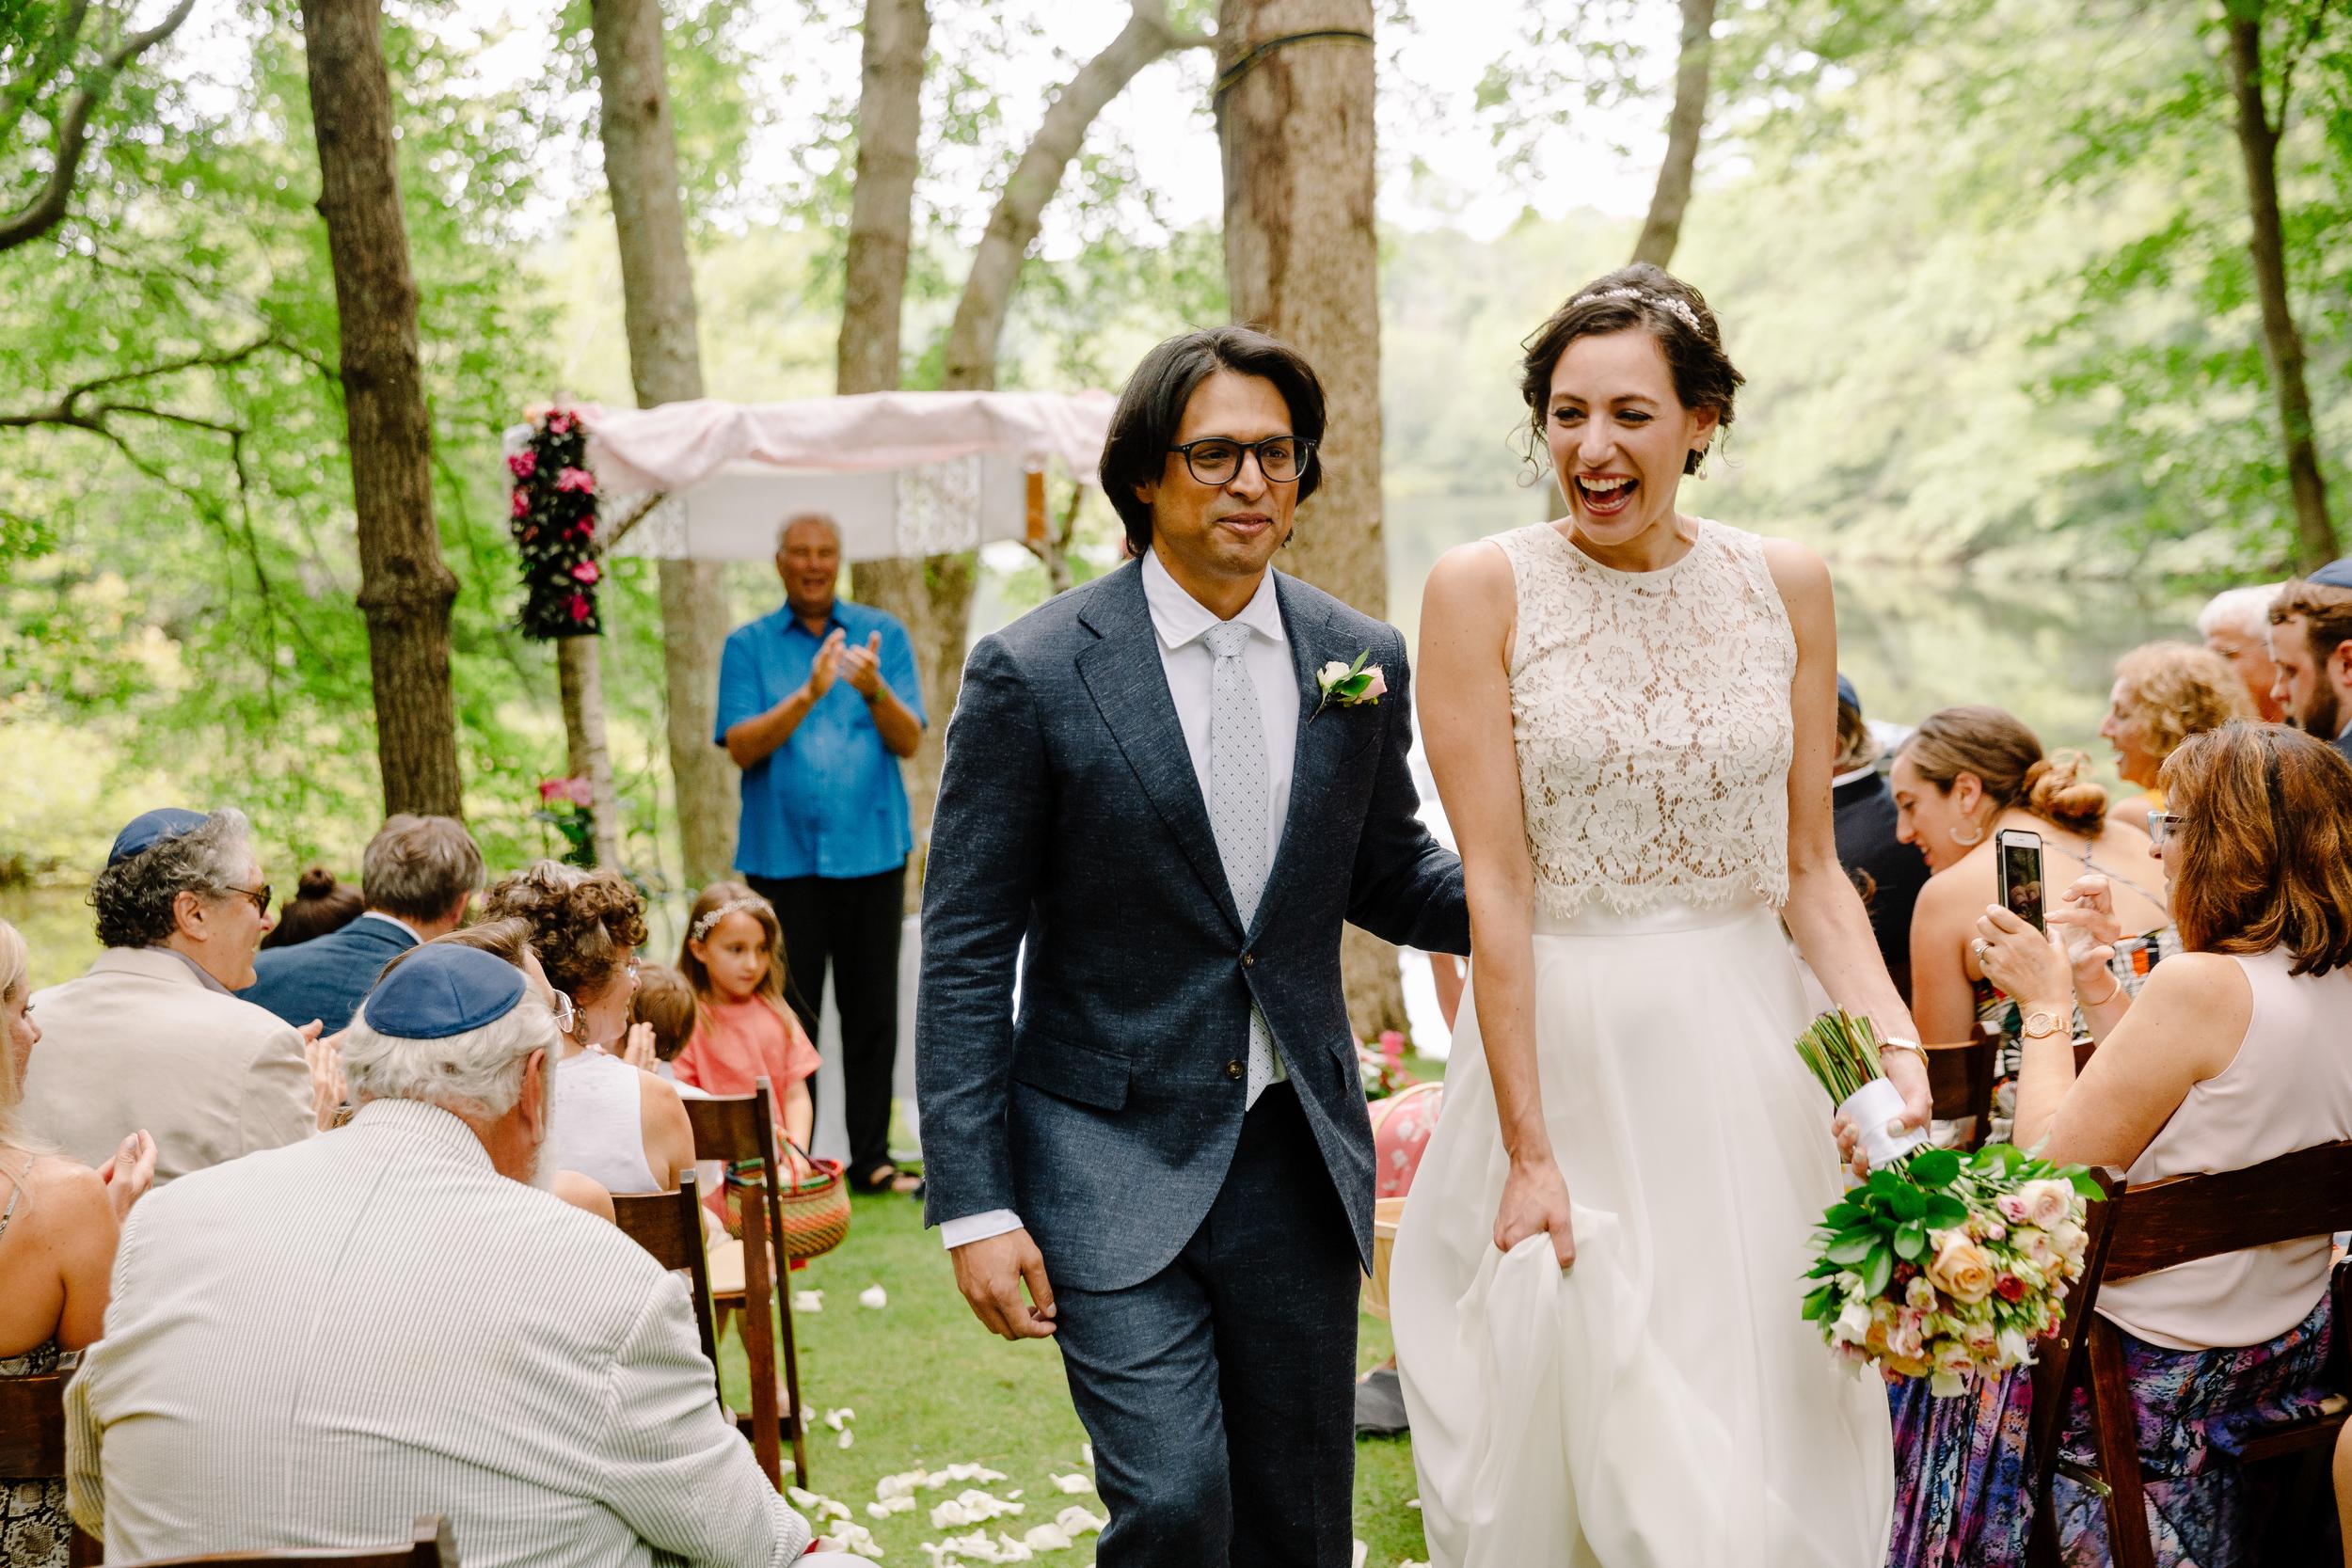 capecod_backyard_wedding_photos_mikhail_26.JPG